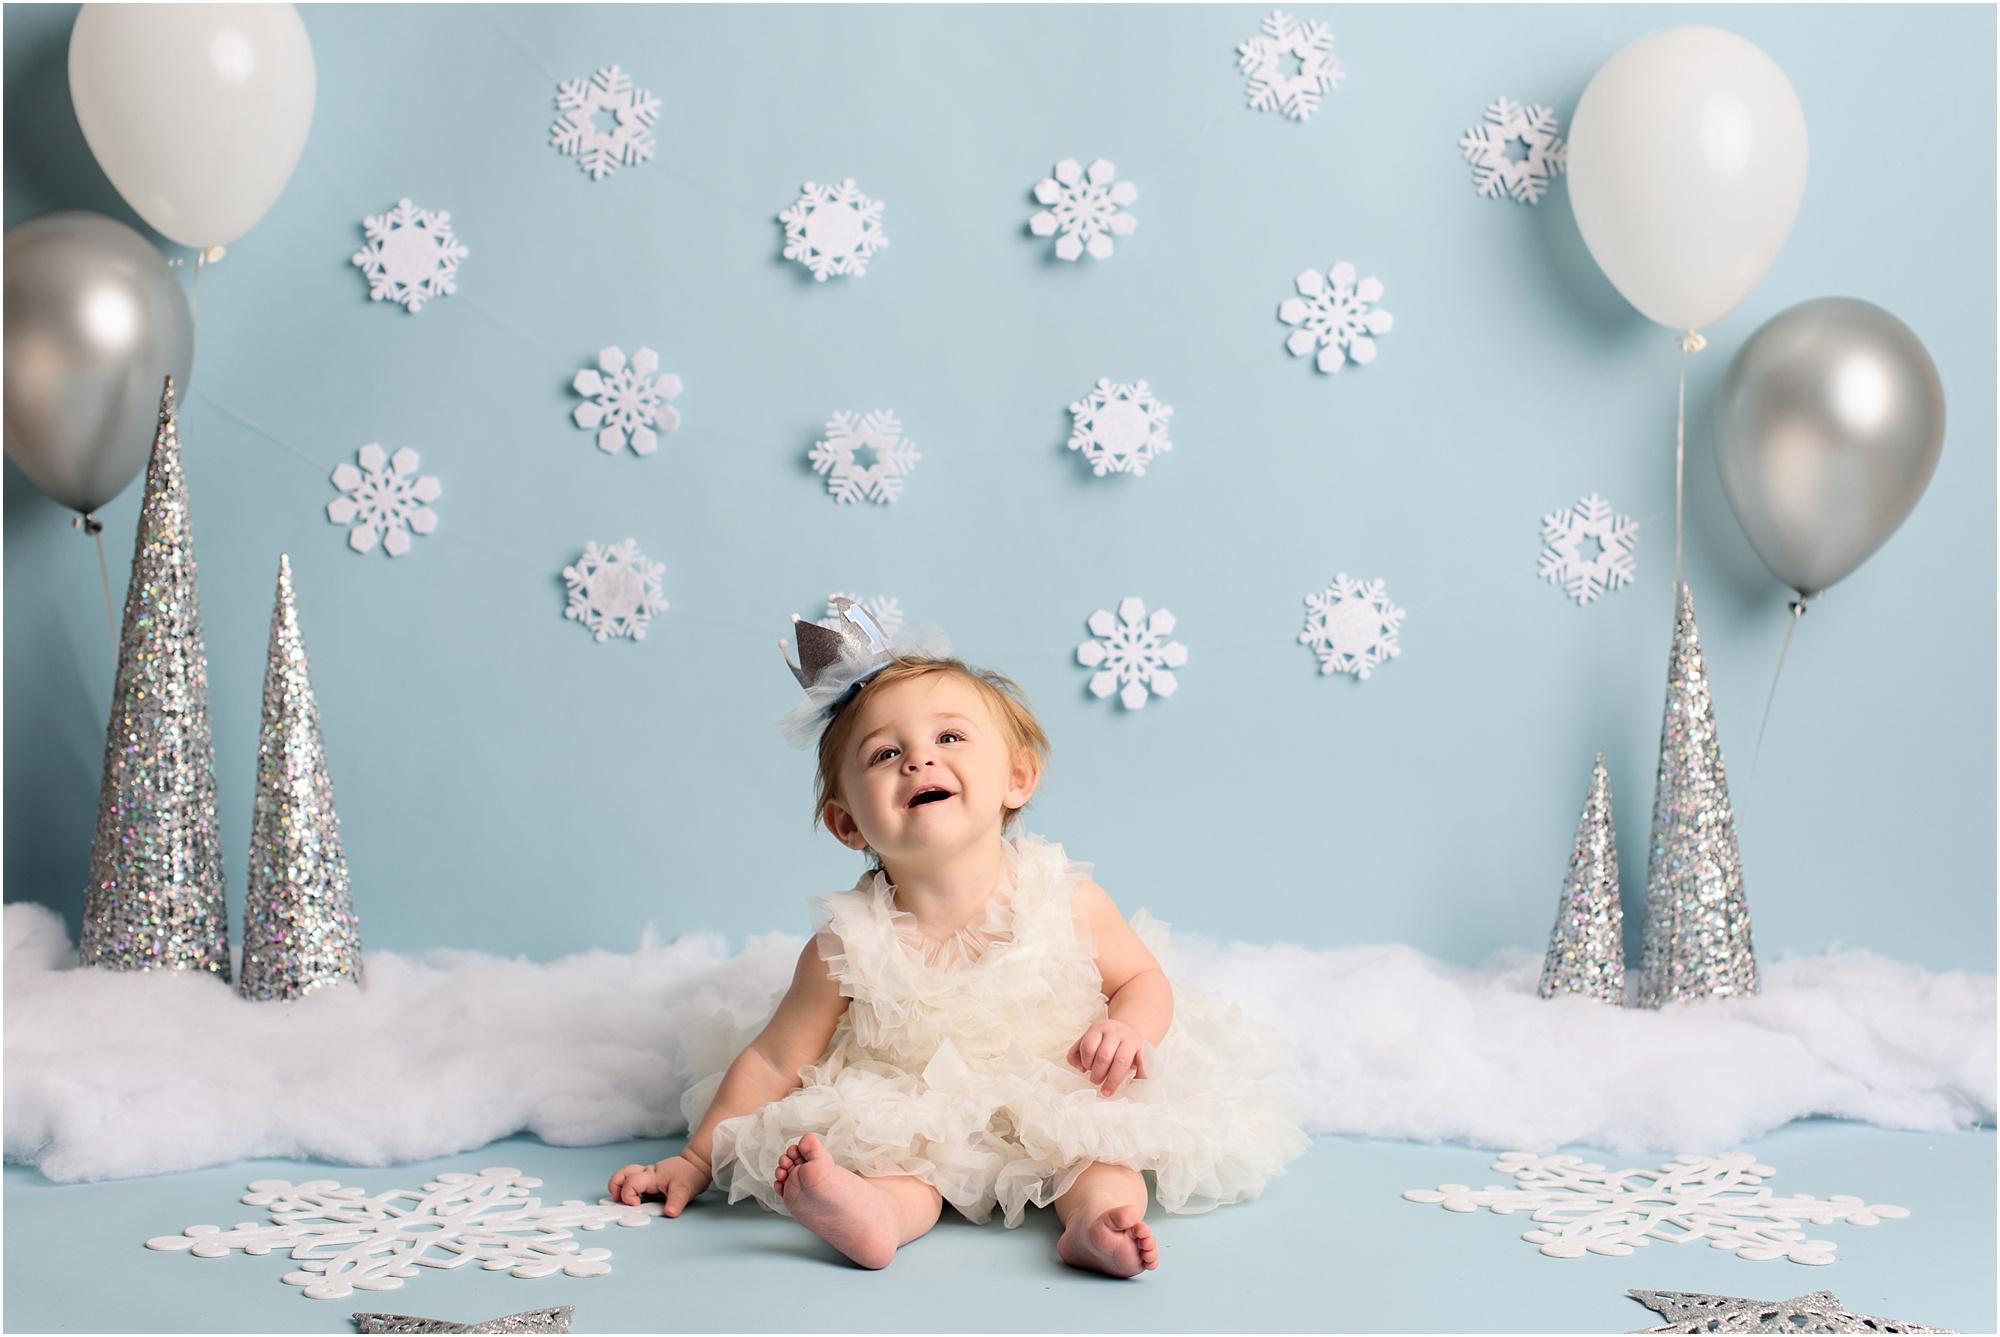 تم زمستانی برای عکاسی از کودک